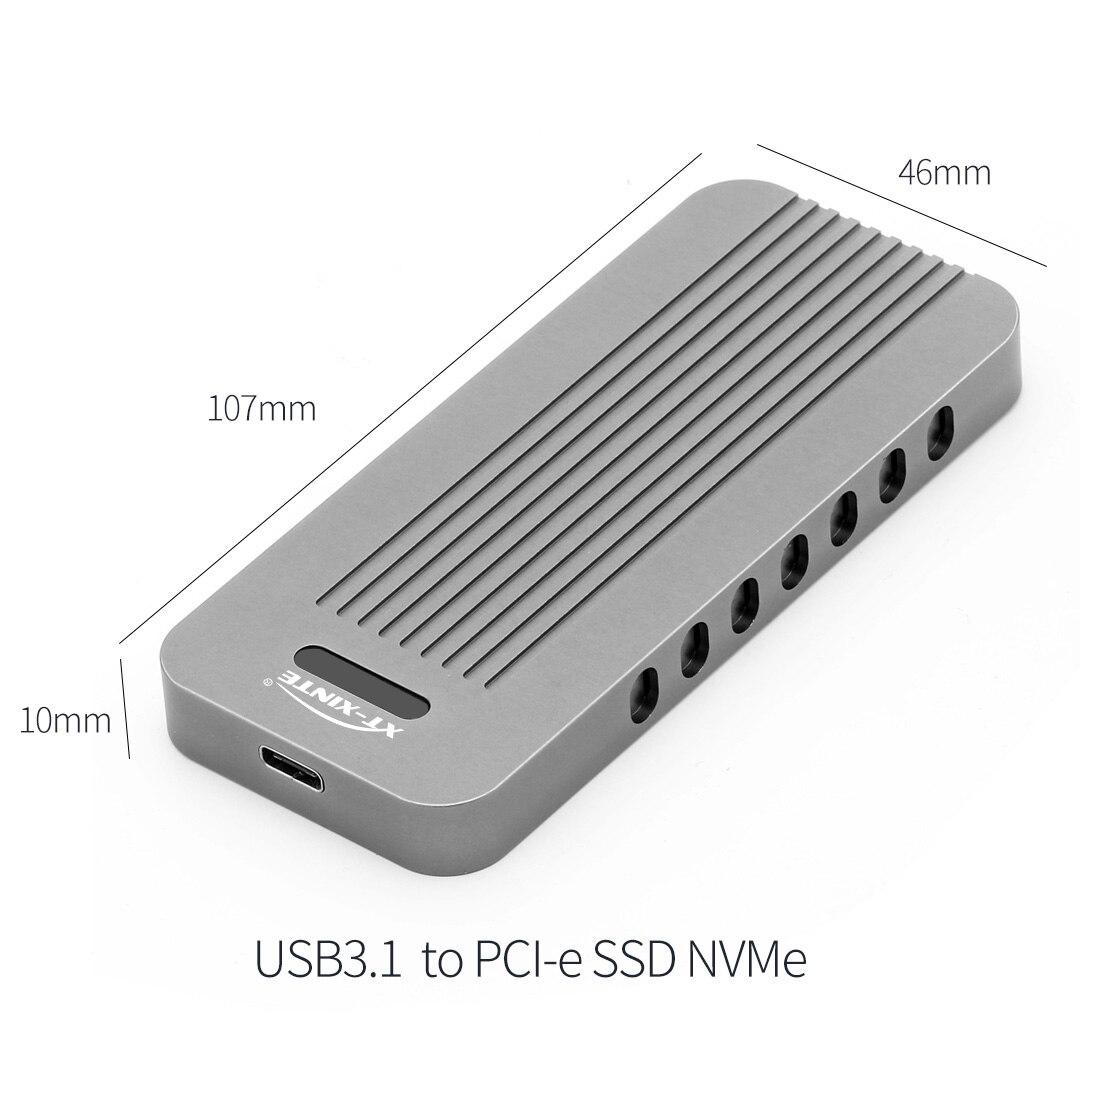 Boîtier externe en métal M.2 à 10 Gbps USB 3.1 Type C NVMe PCIe 3.0 SSD boîtier boîtier M clé NGFF USB3.1 boîtier HDD adaptateur de câble C à C